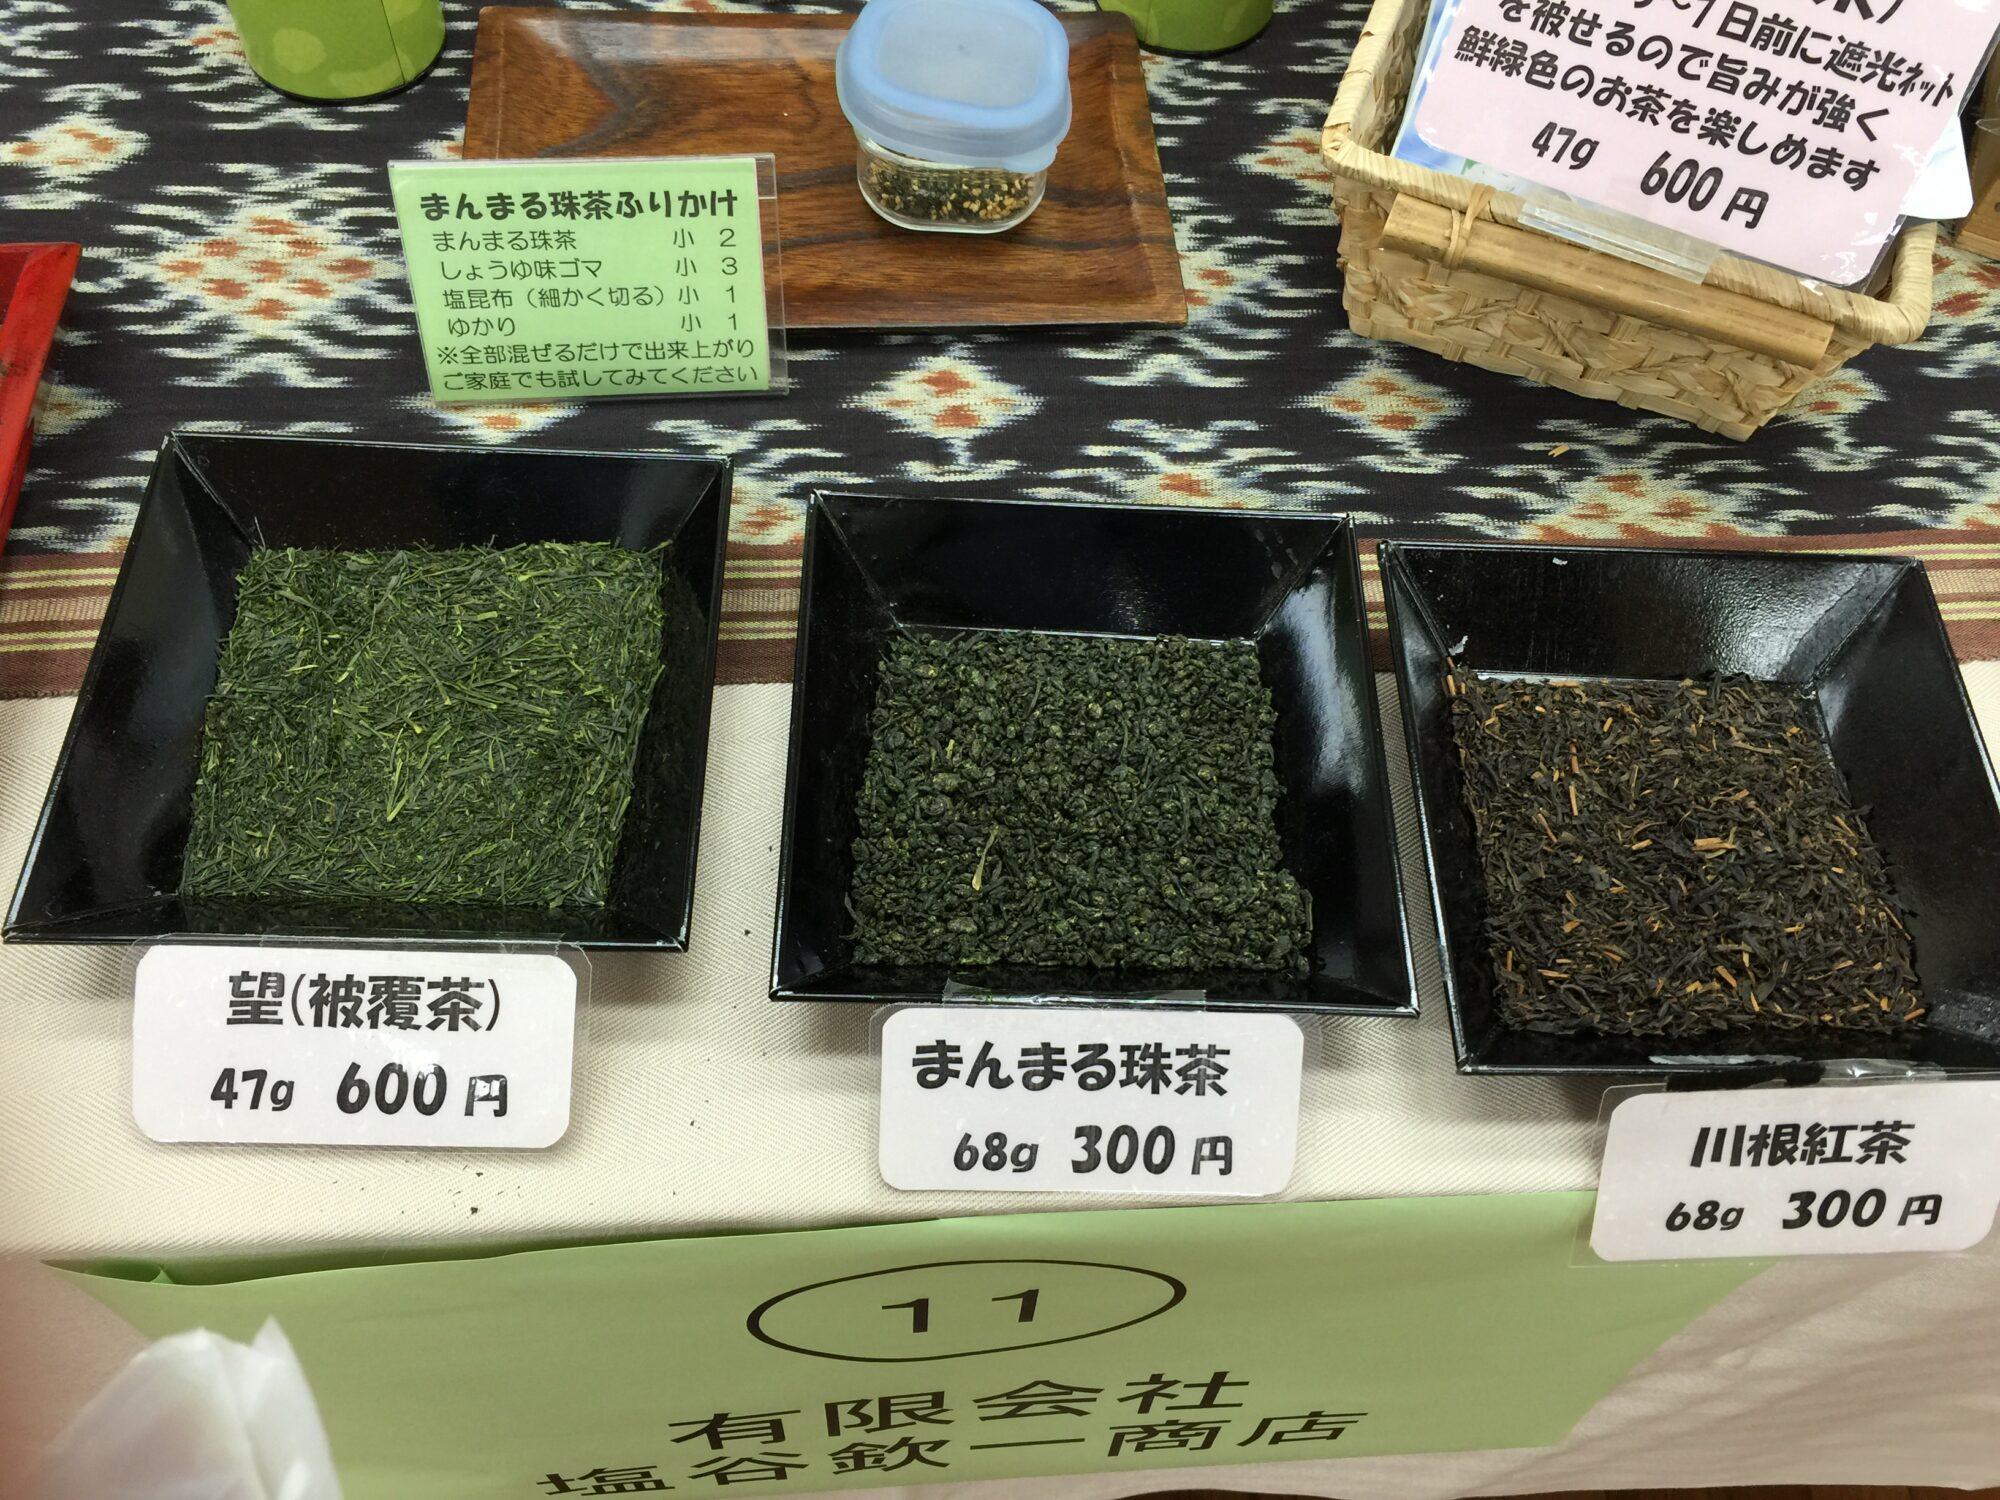 静岡茶が好きなんです!は隠れた禁句